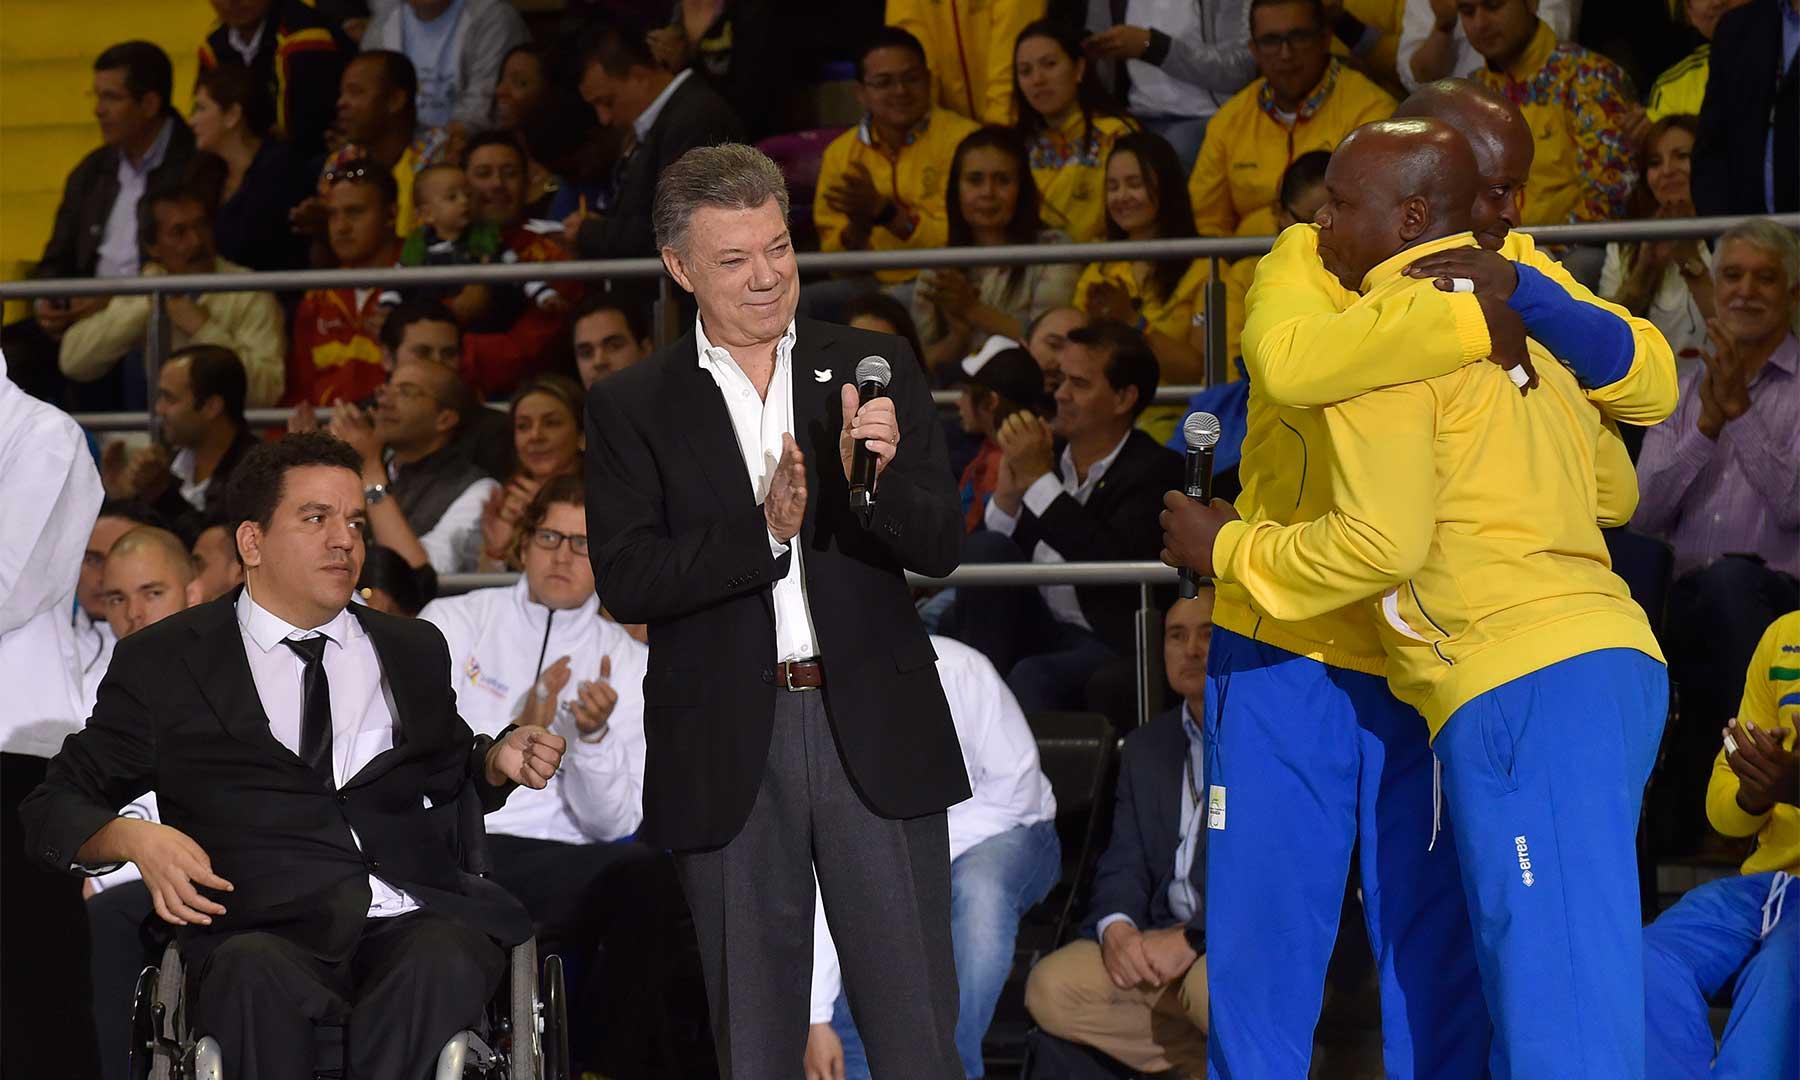 Dos jugadores ruandeses de voleibol sentado y que antes fueron combatientes de bandos distintos en el conflicto de su país, dan una muestra de reconciliación con un abrazo, en presencia del Presidente Santos.